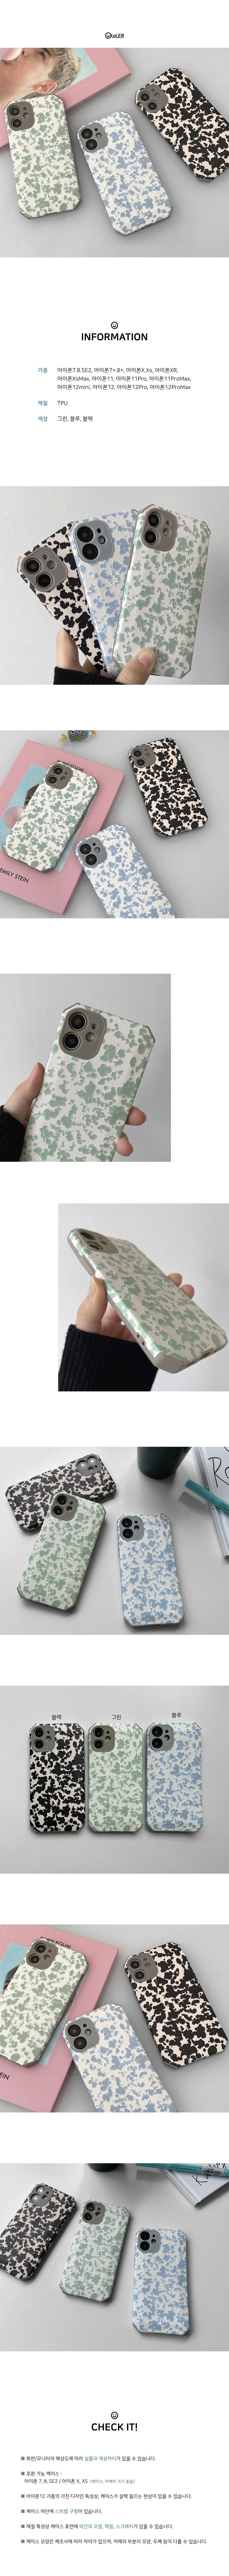 유니크 물감 페인팅 패턴 아이폰케이스